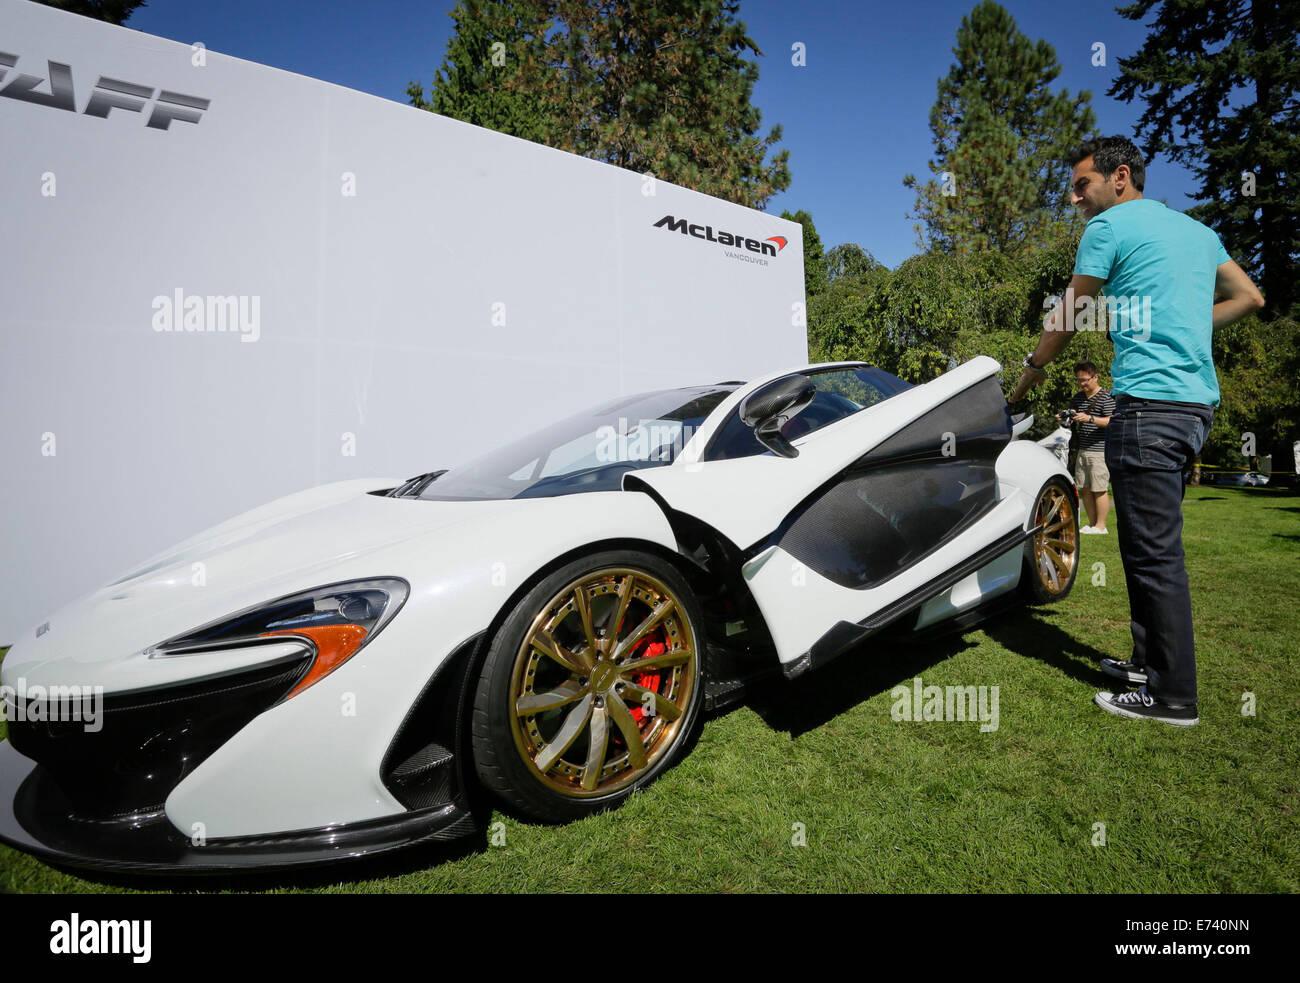 Merveilleux Vancouver, Canada. 5th Sep, 2014. A McLaren P1 Super Car  Displays